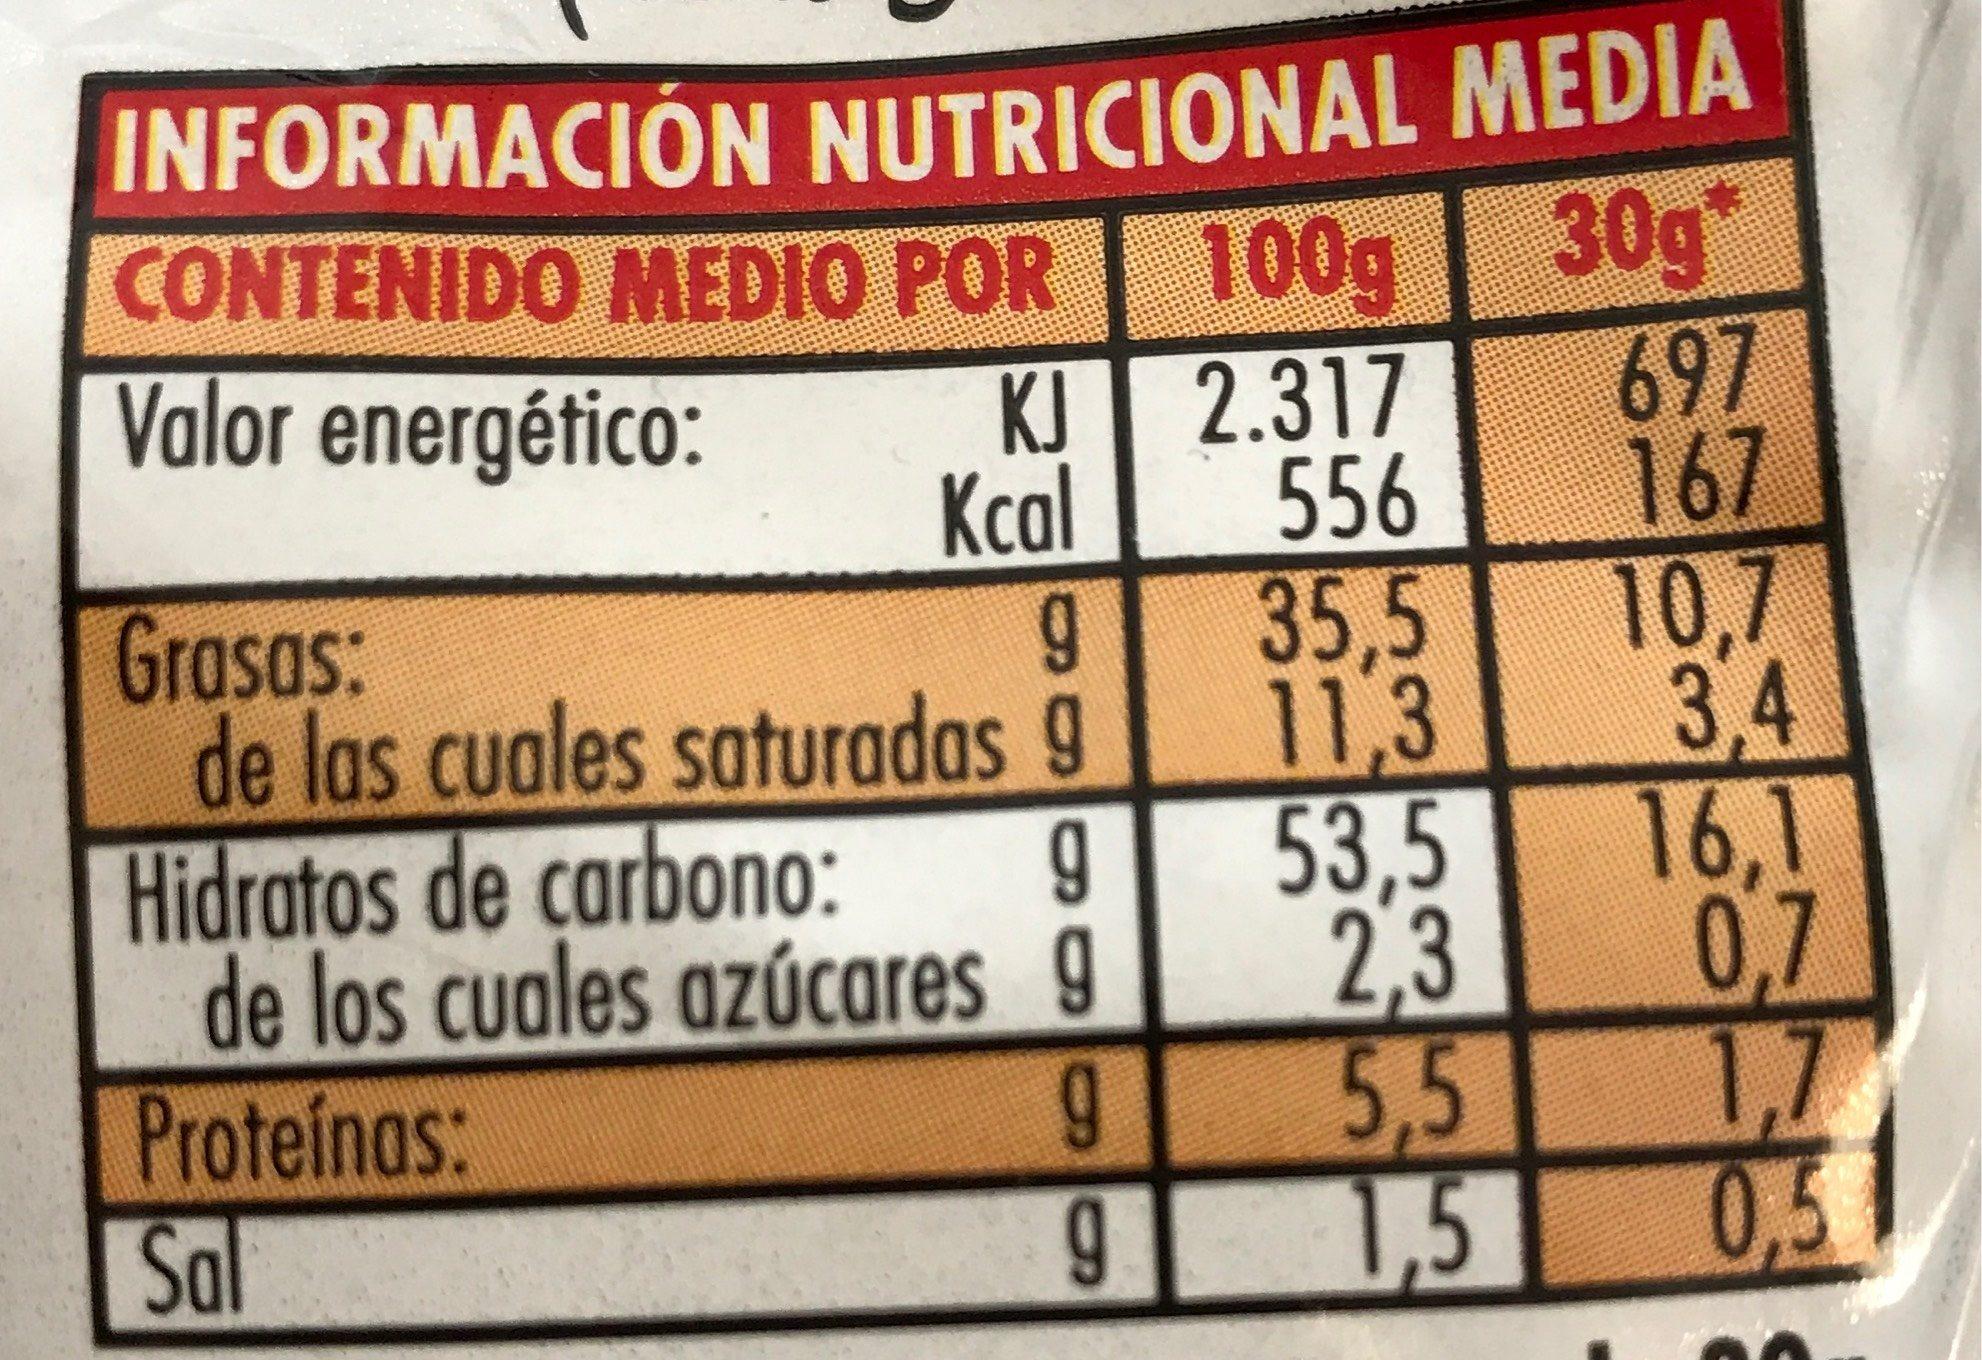 Risketos Original - Información nutricional - es